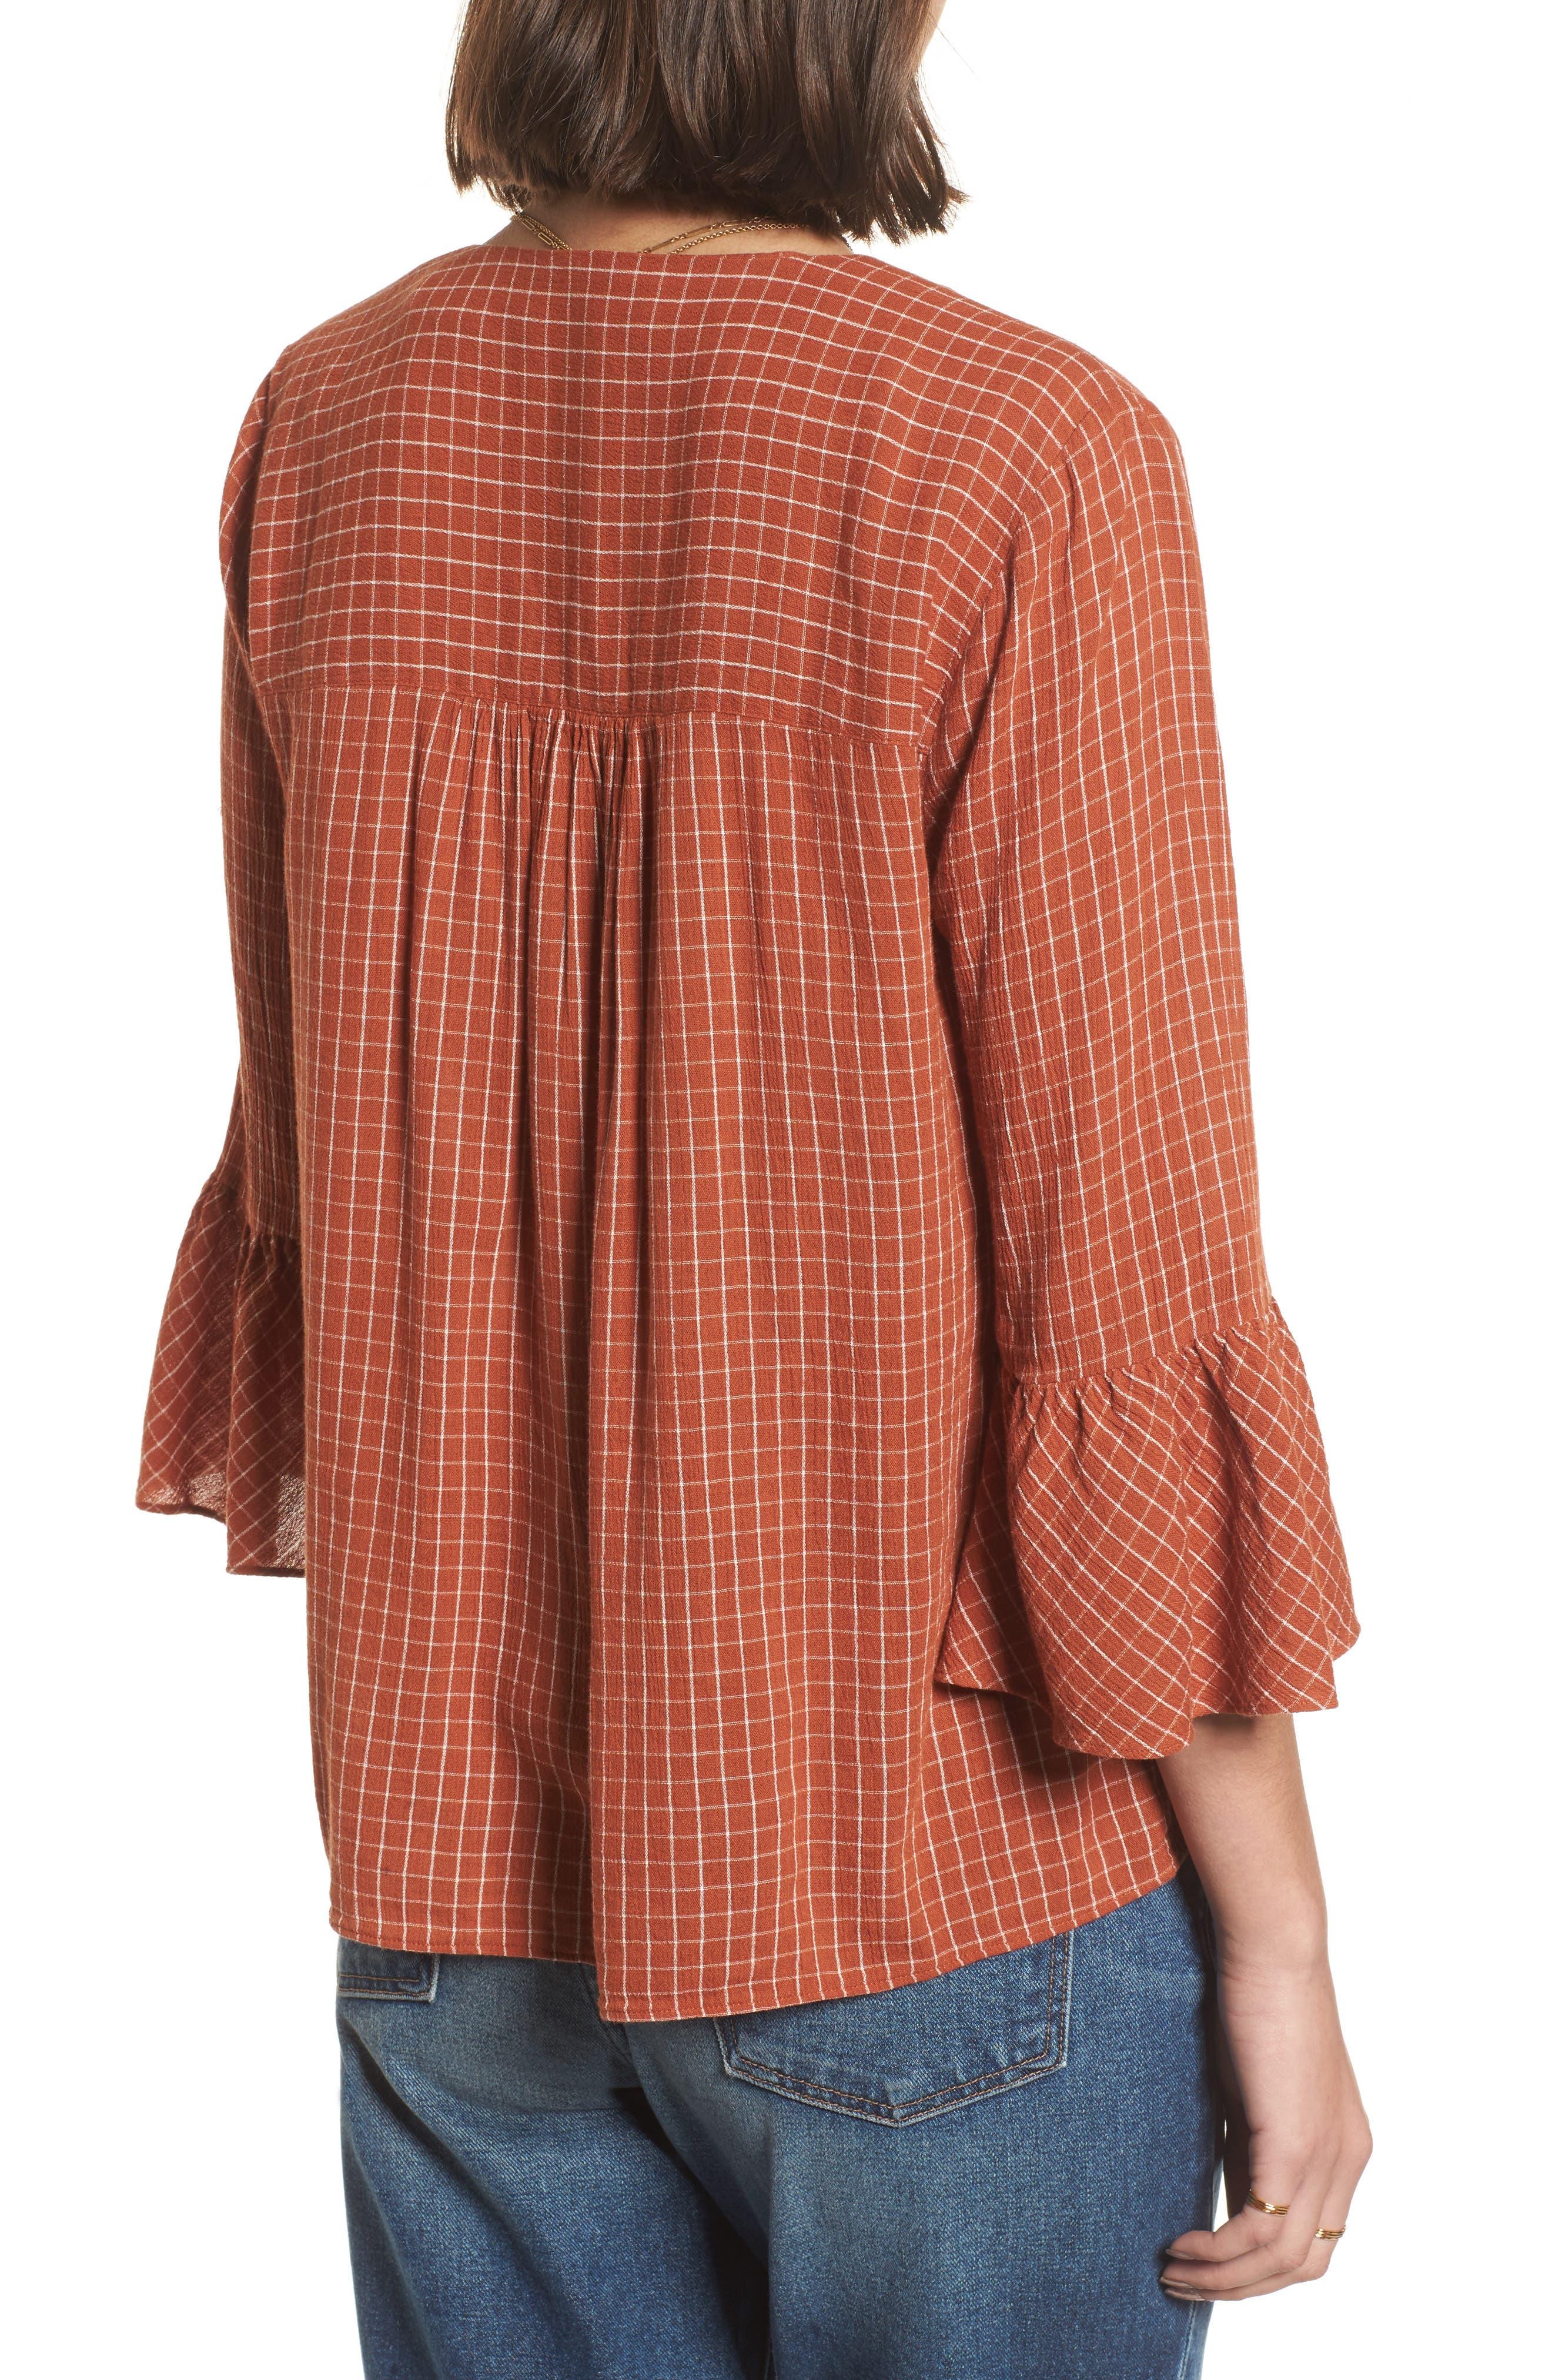 Veranda Bell Sleeve Shirt,                             Alternate thumbnail 2, color,                             800